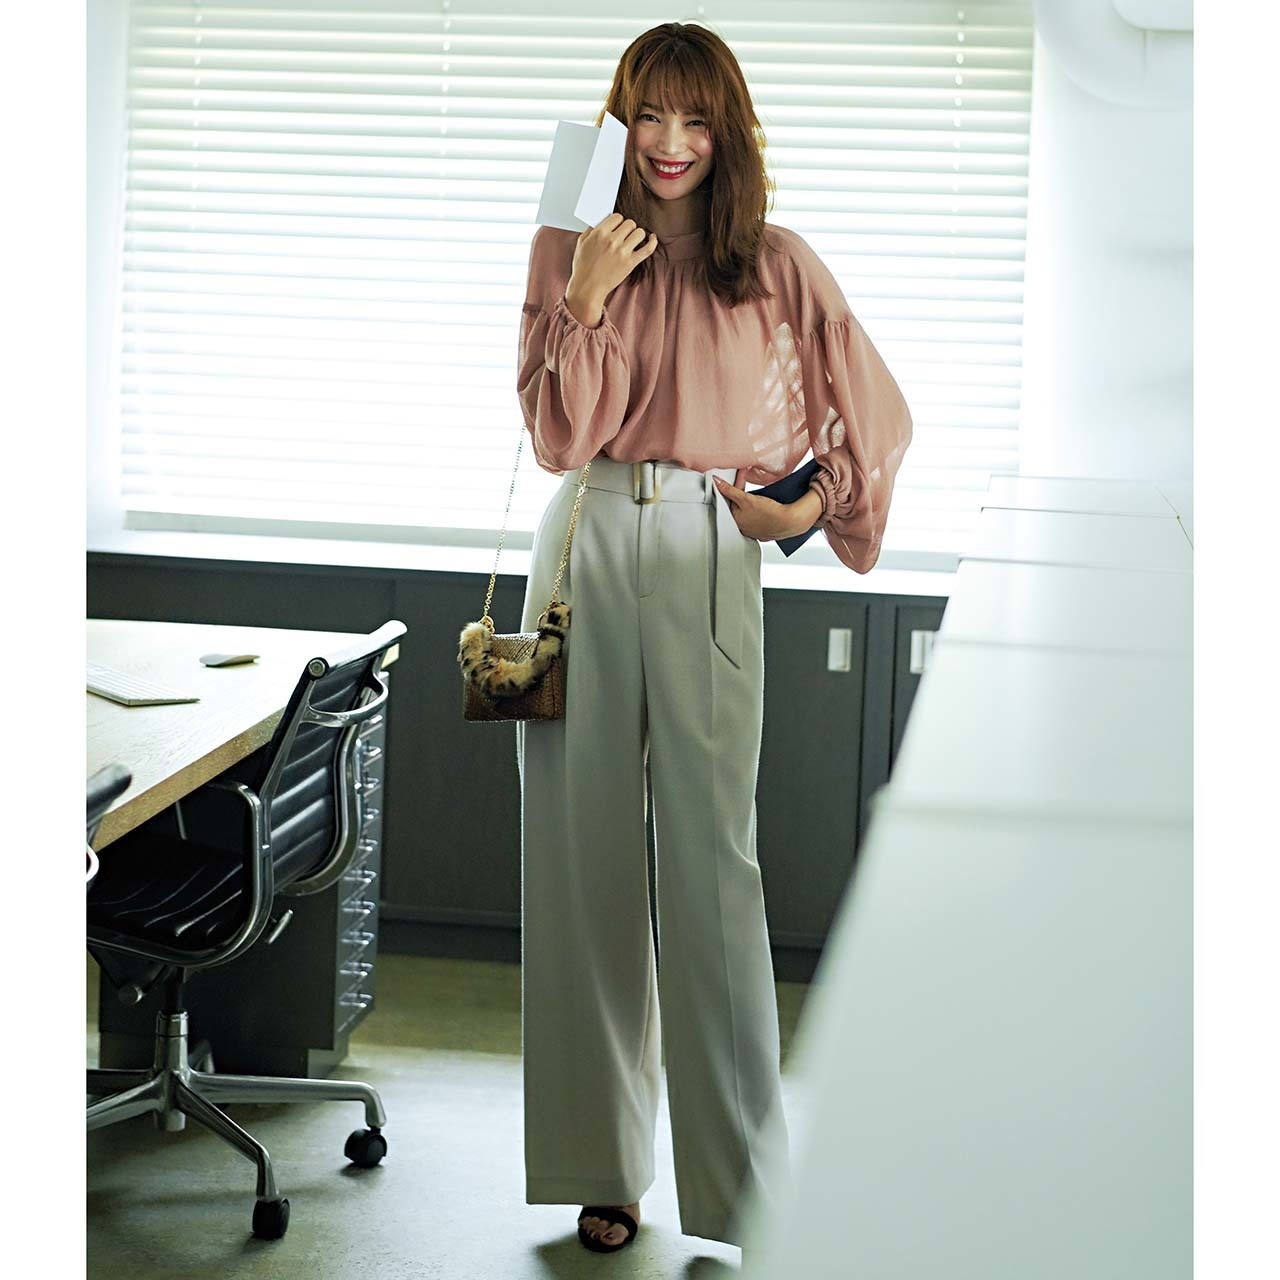 ピンクシフォンブラウス×パンツのファッションコーデ